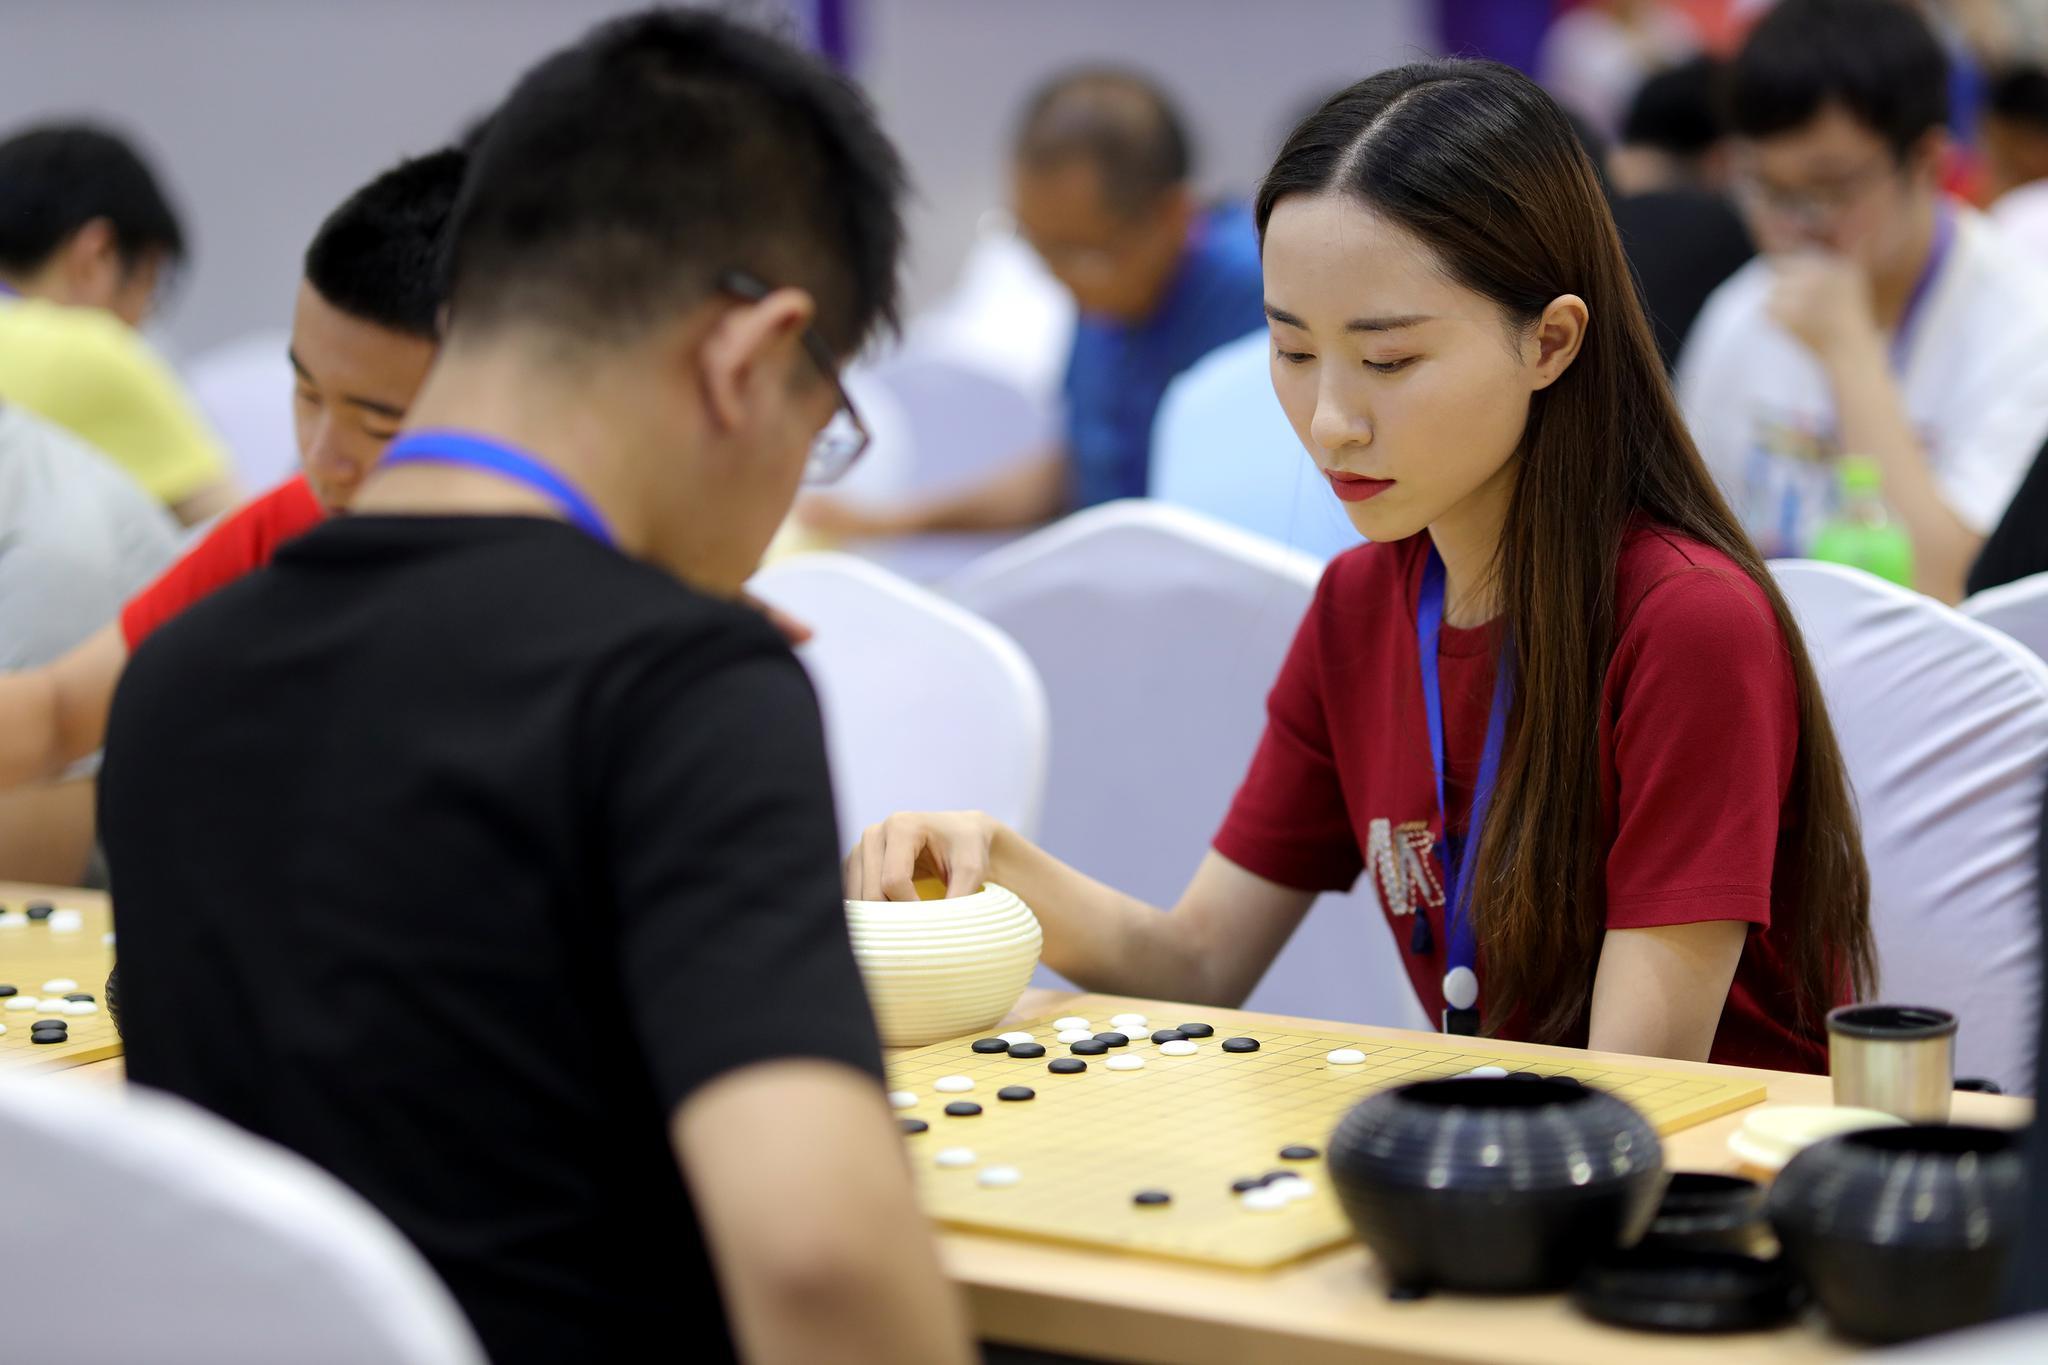 高清-围棋大会比赛现场 大奖赛组高手如云